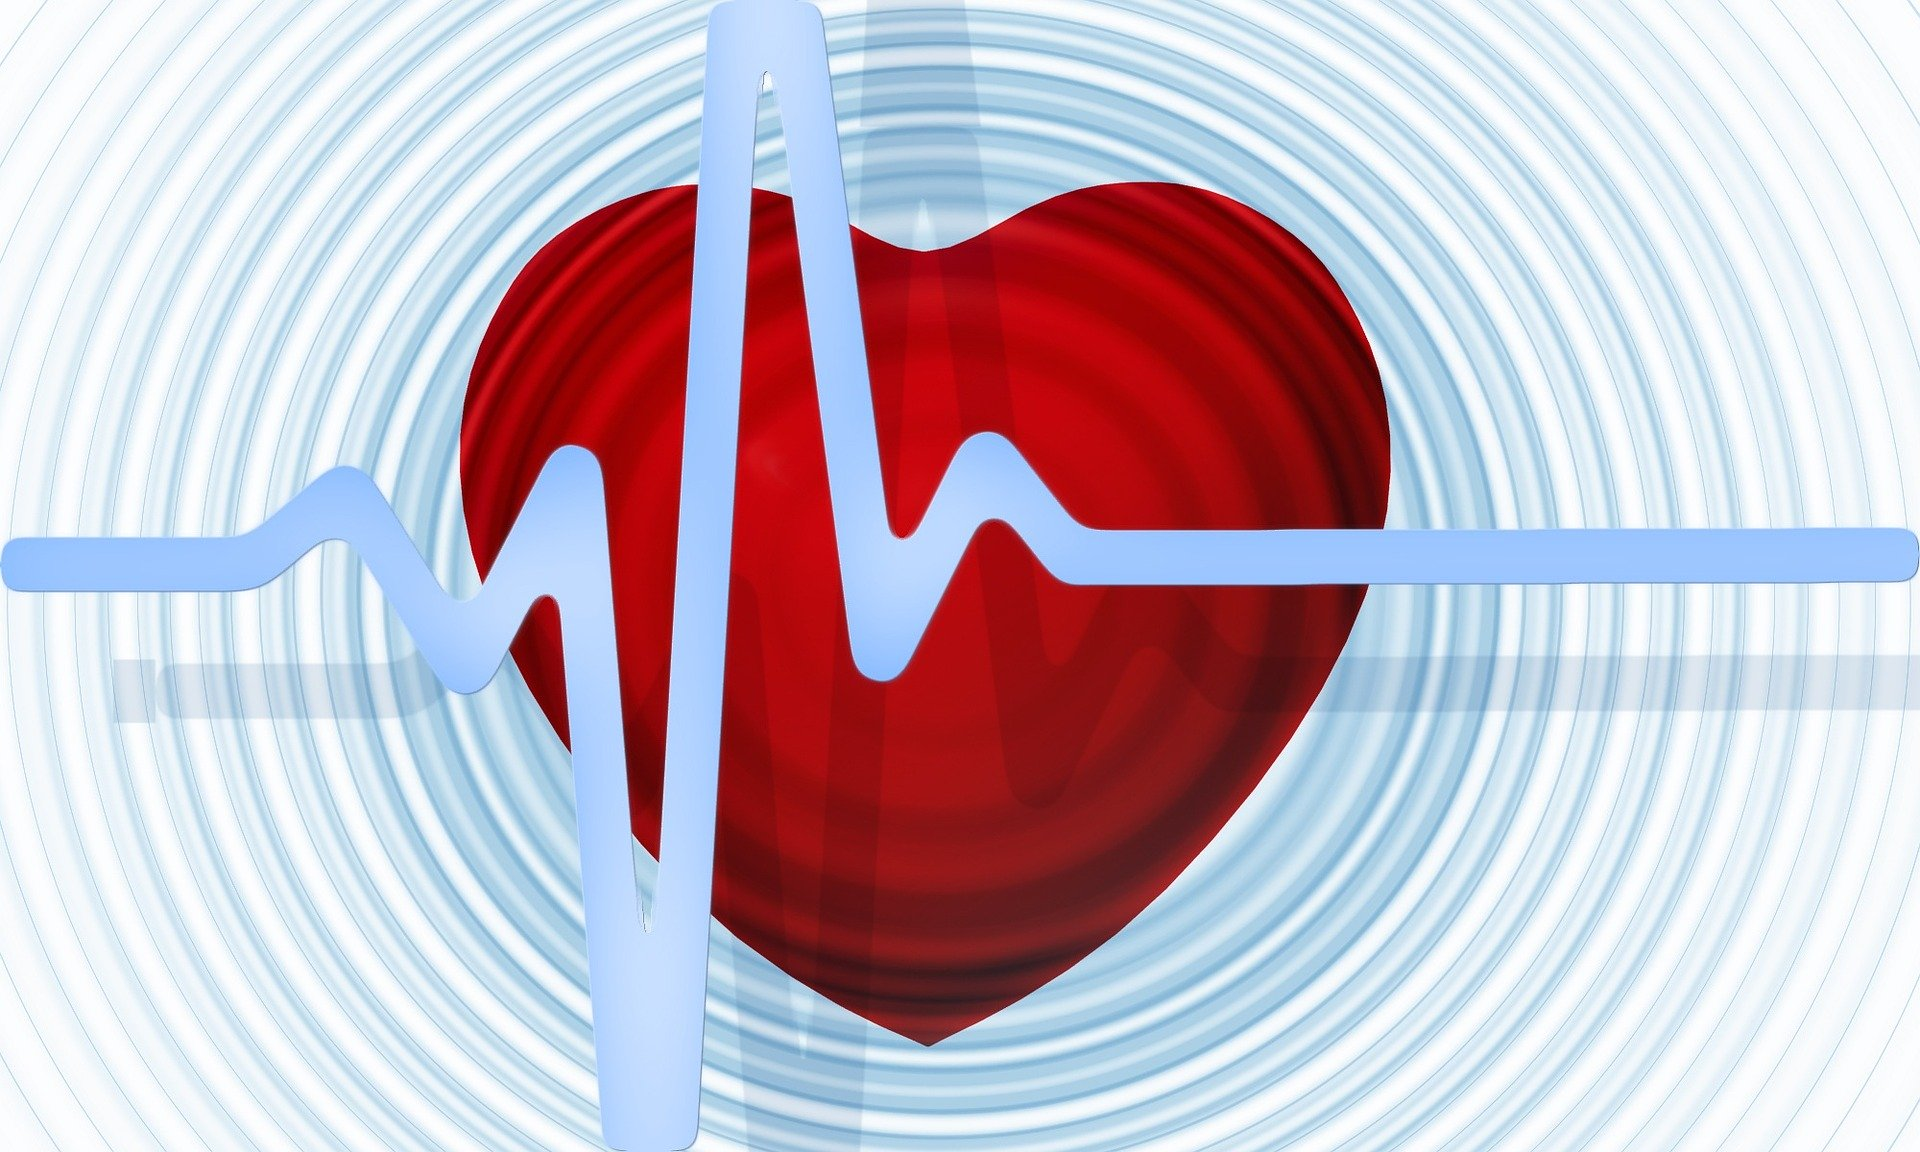 Lesttre d'amour à tous les malades du COVID-19